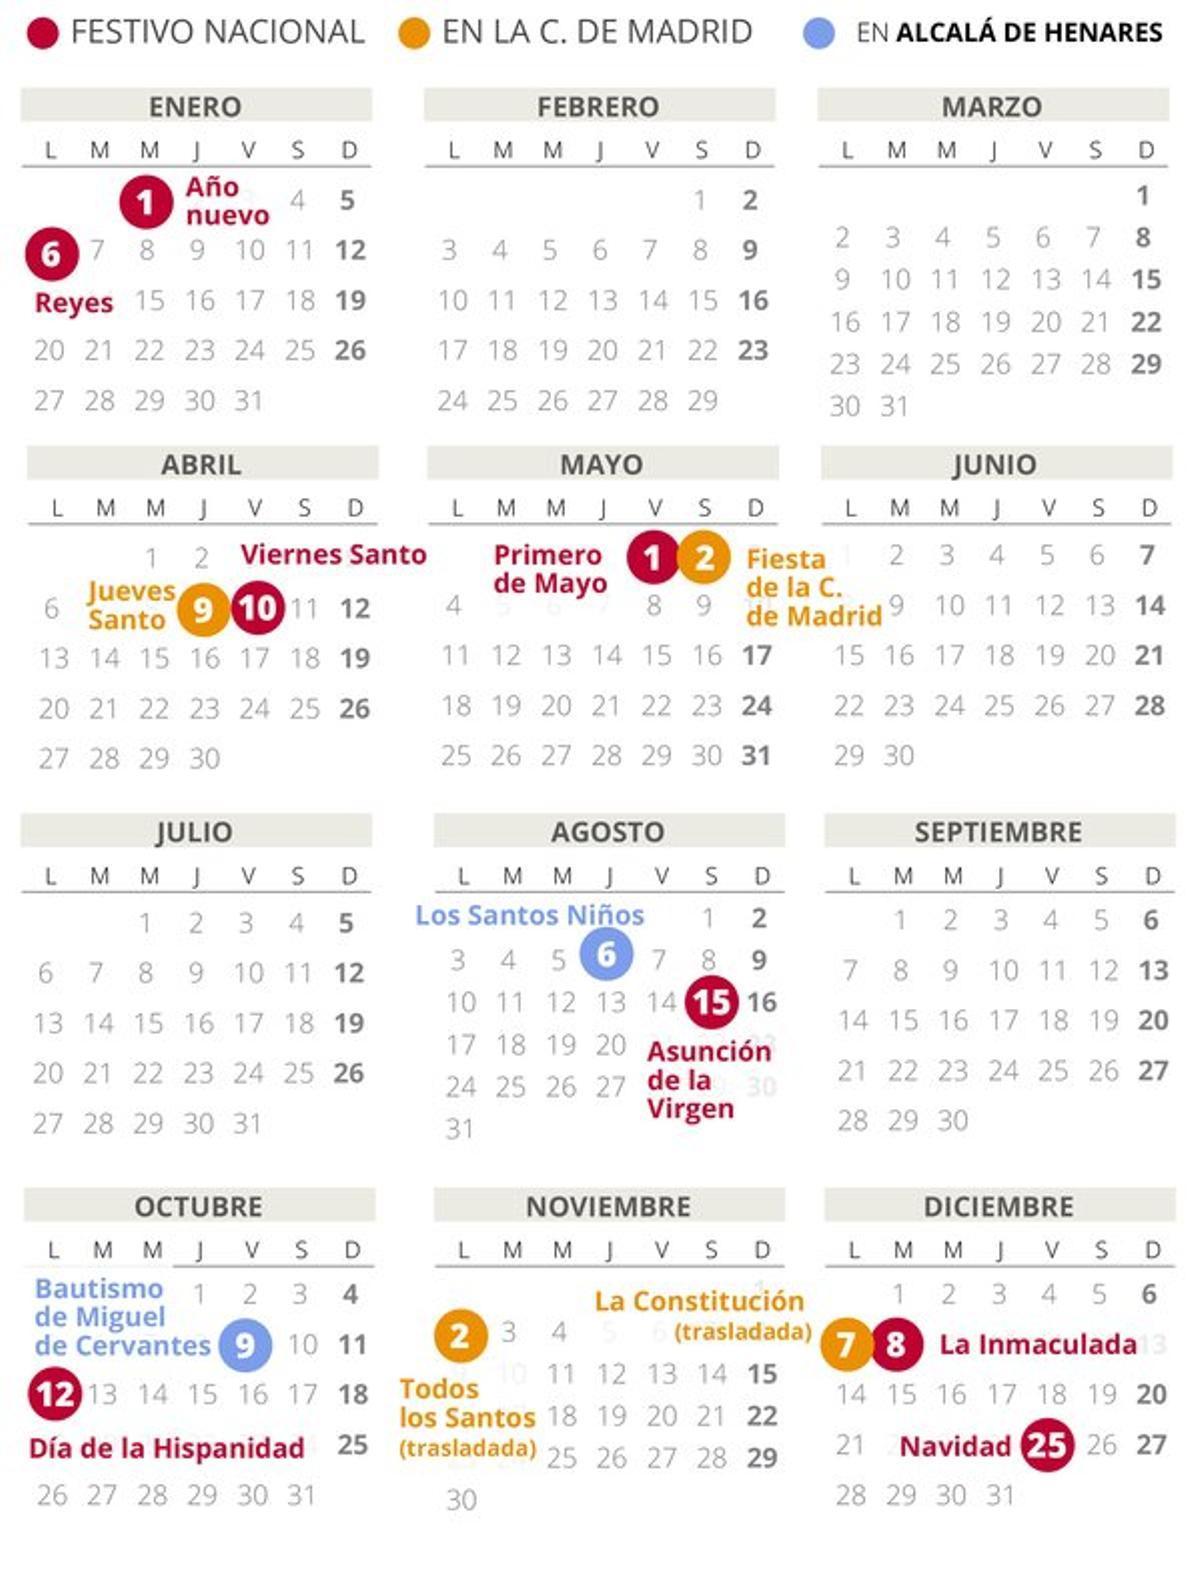 Calendario laboral de Alcalá de Henares del 2020.